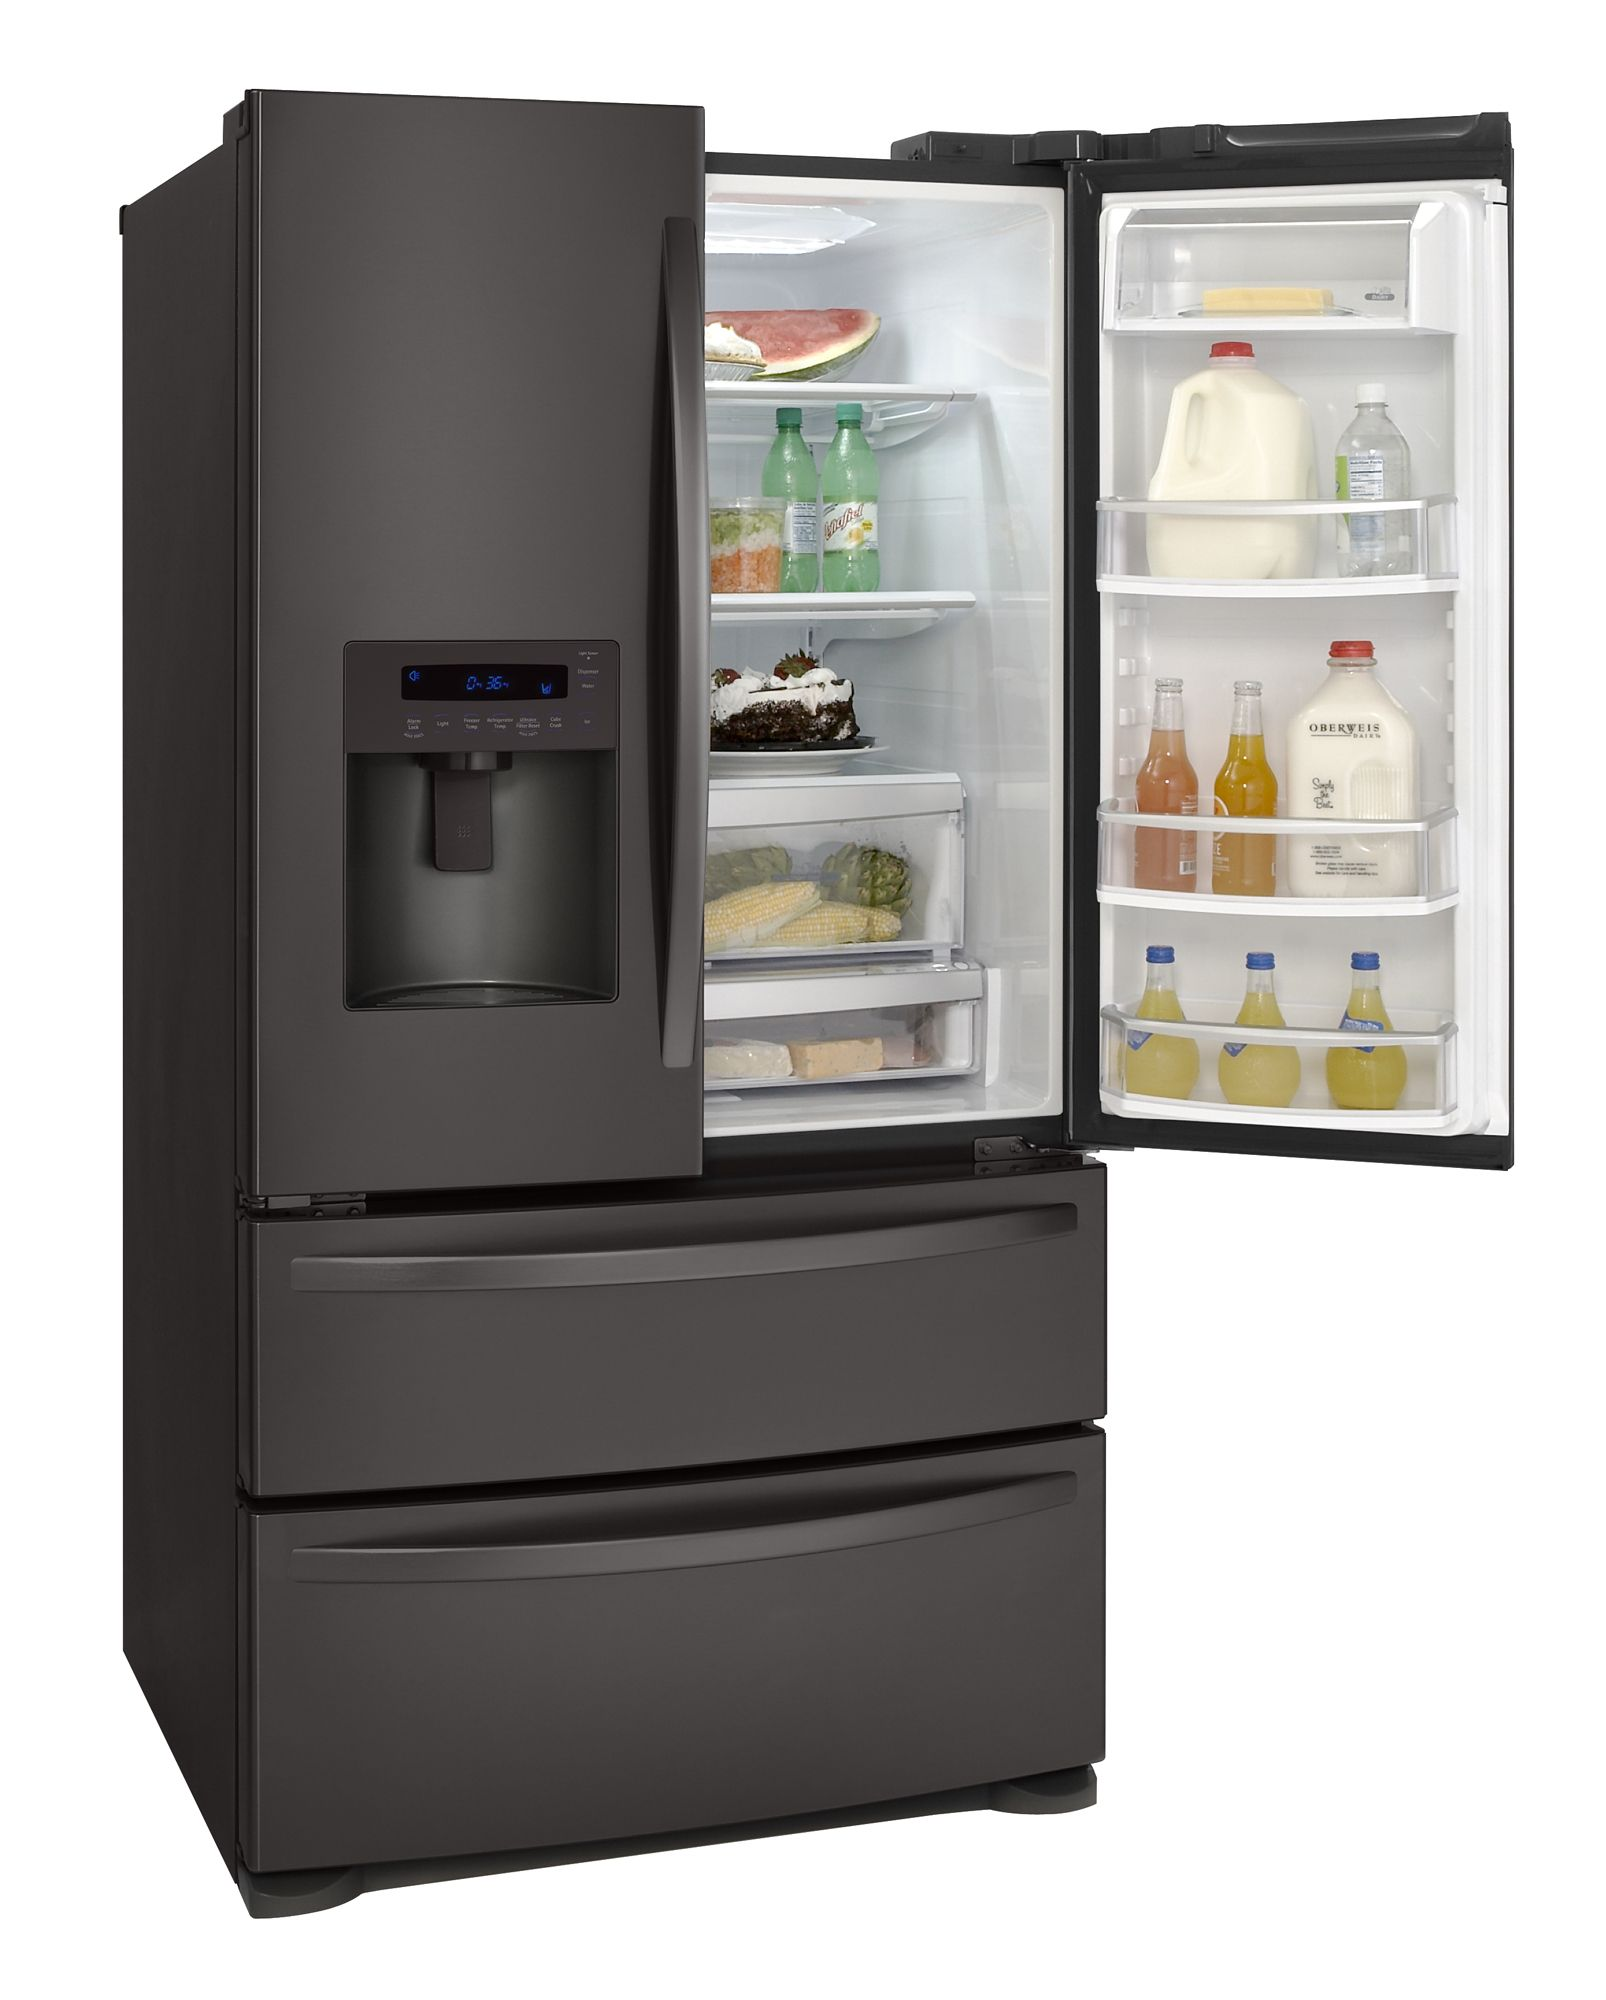 Kenmore Elite 27.5 cu. ft. French-Door Bottom Freezer Refrigerator (7977)